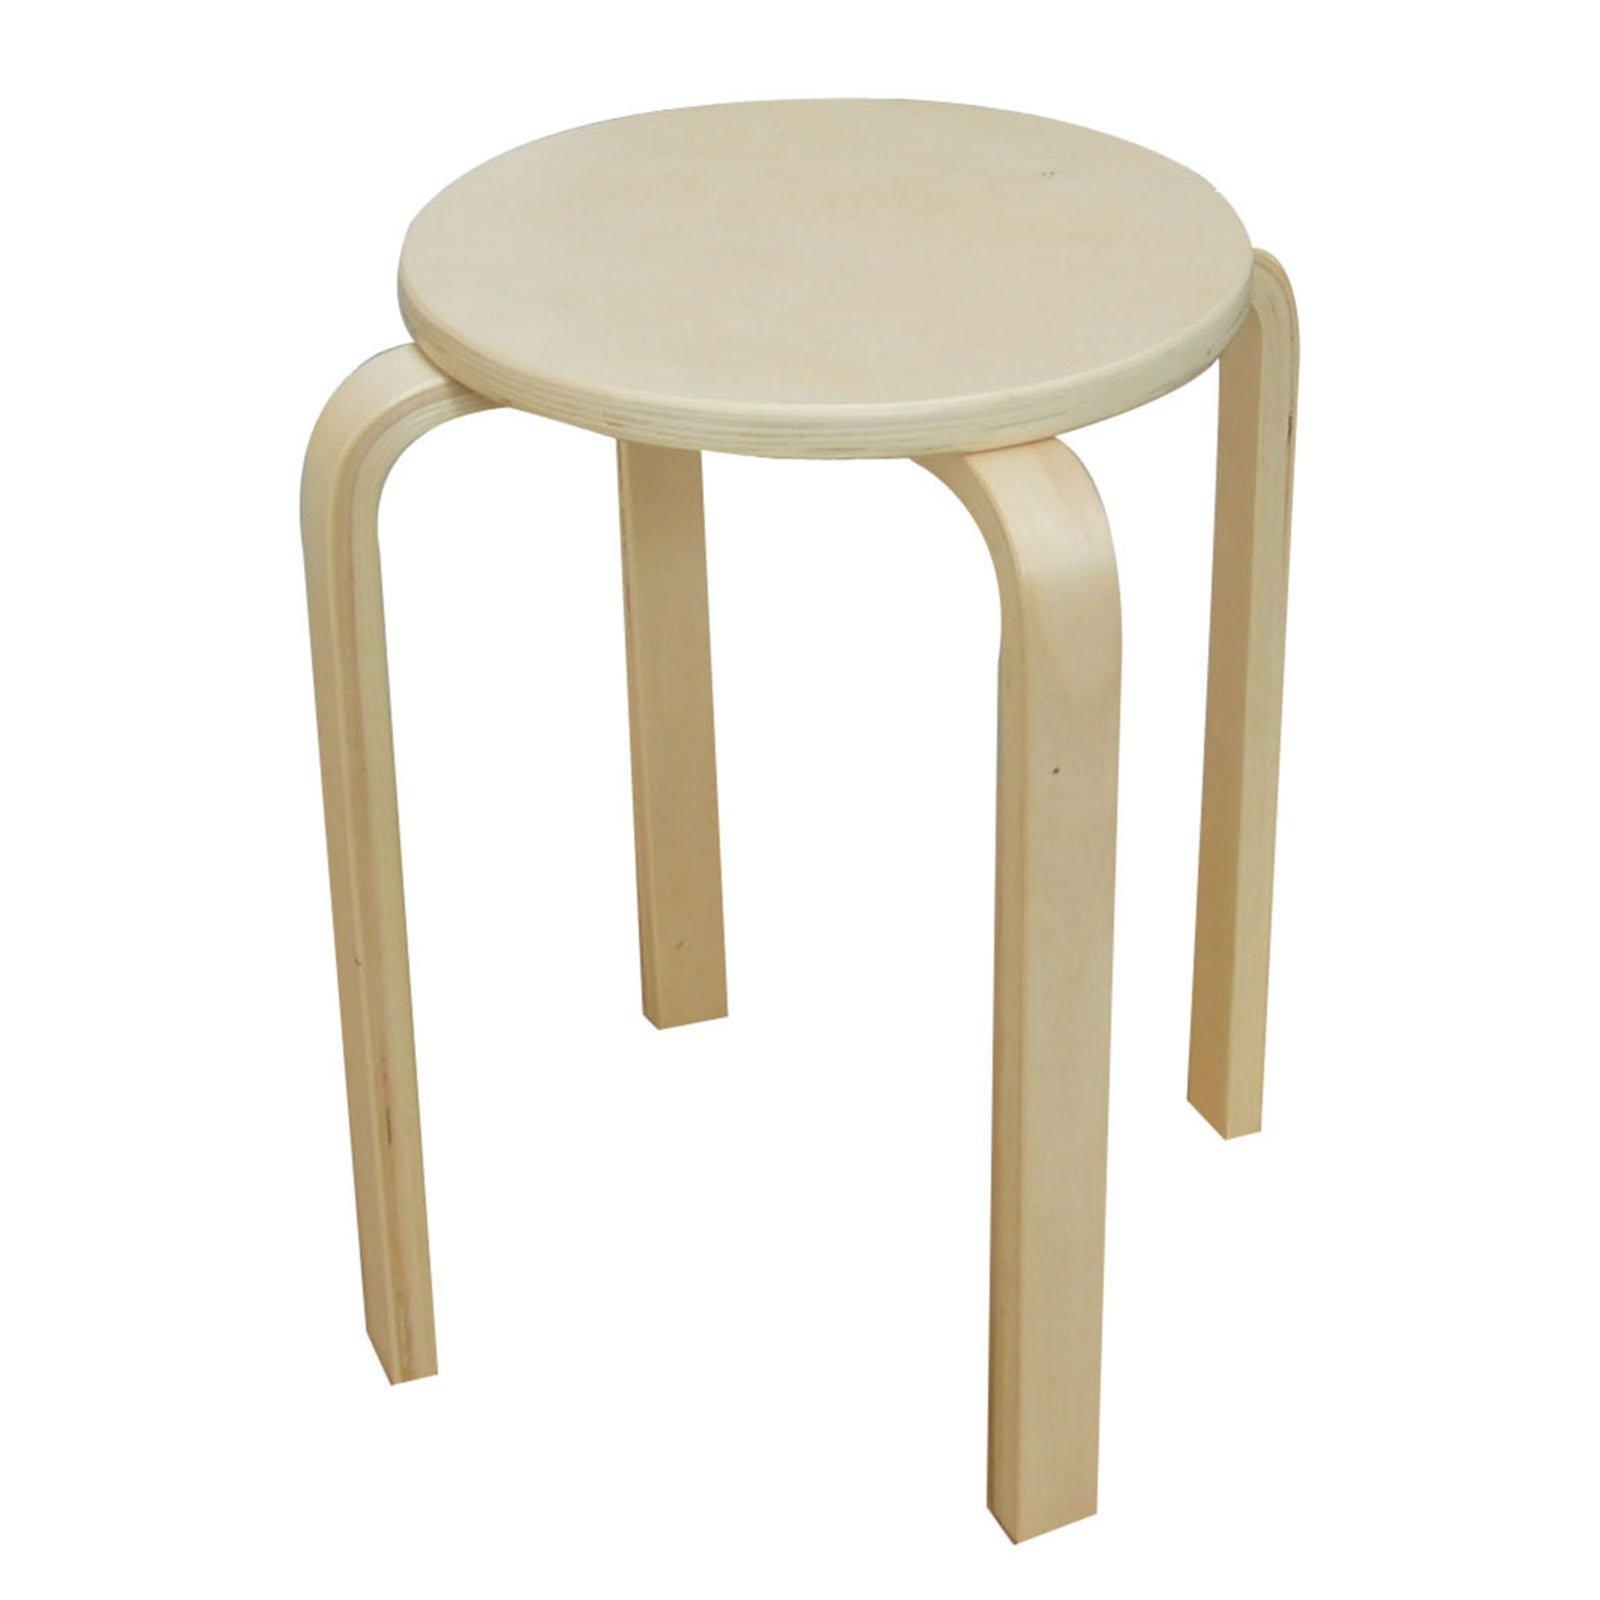 hocker 60 cm hoch gallery of hocker cm sitzhohe inspiration sitzhahe und barhocker ausg with. Black Bedroom Furniture Sets. Home Design Ideas